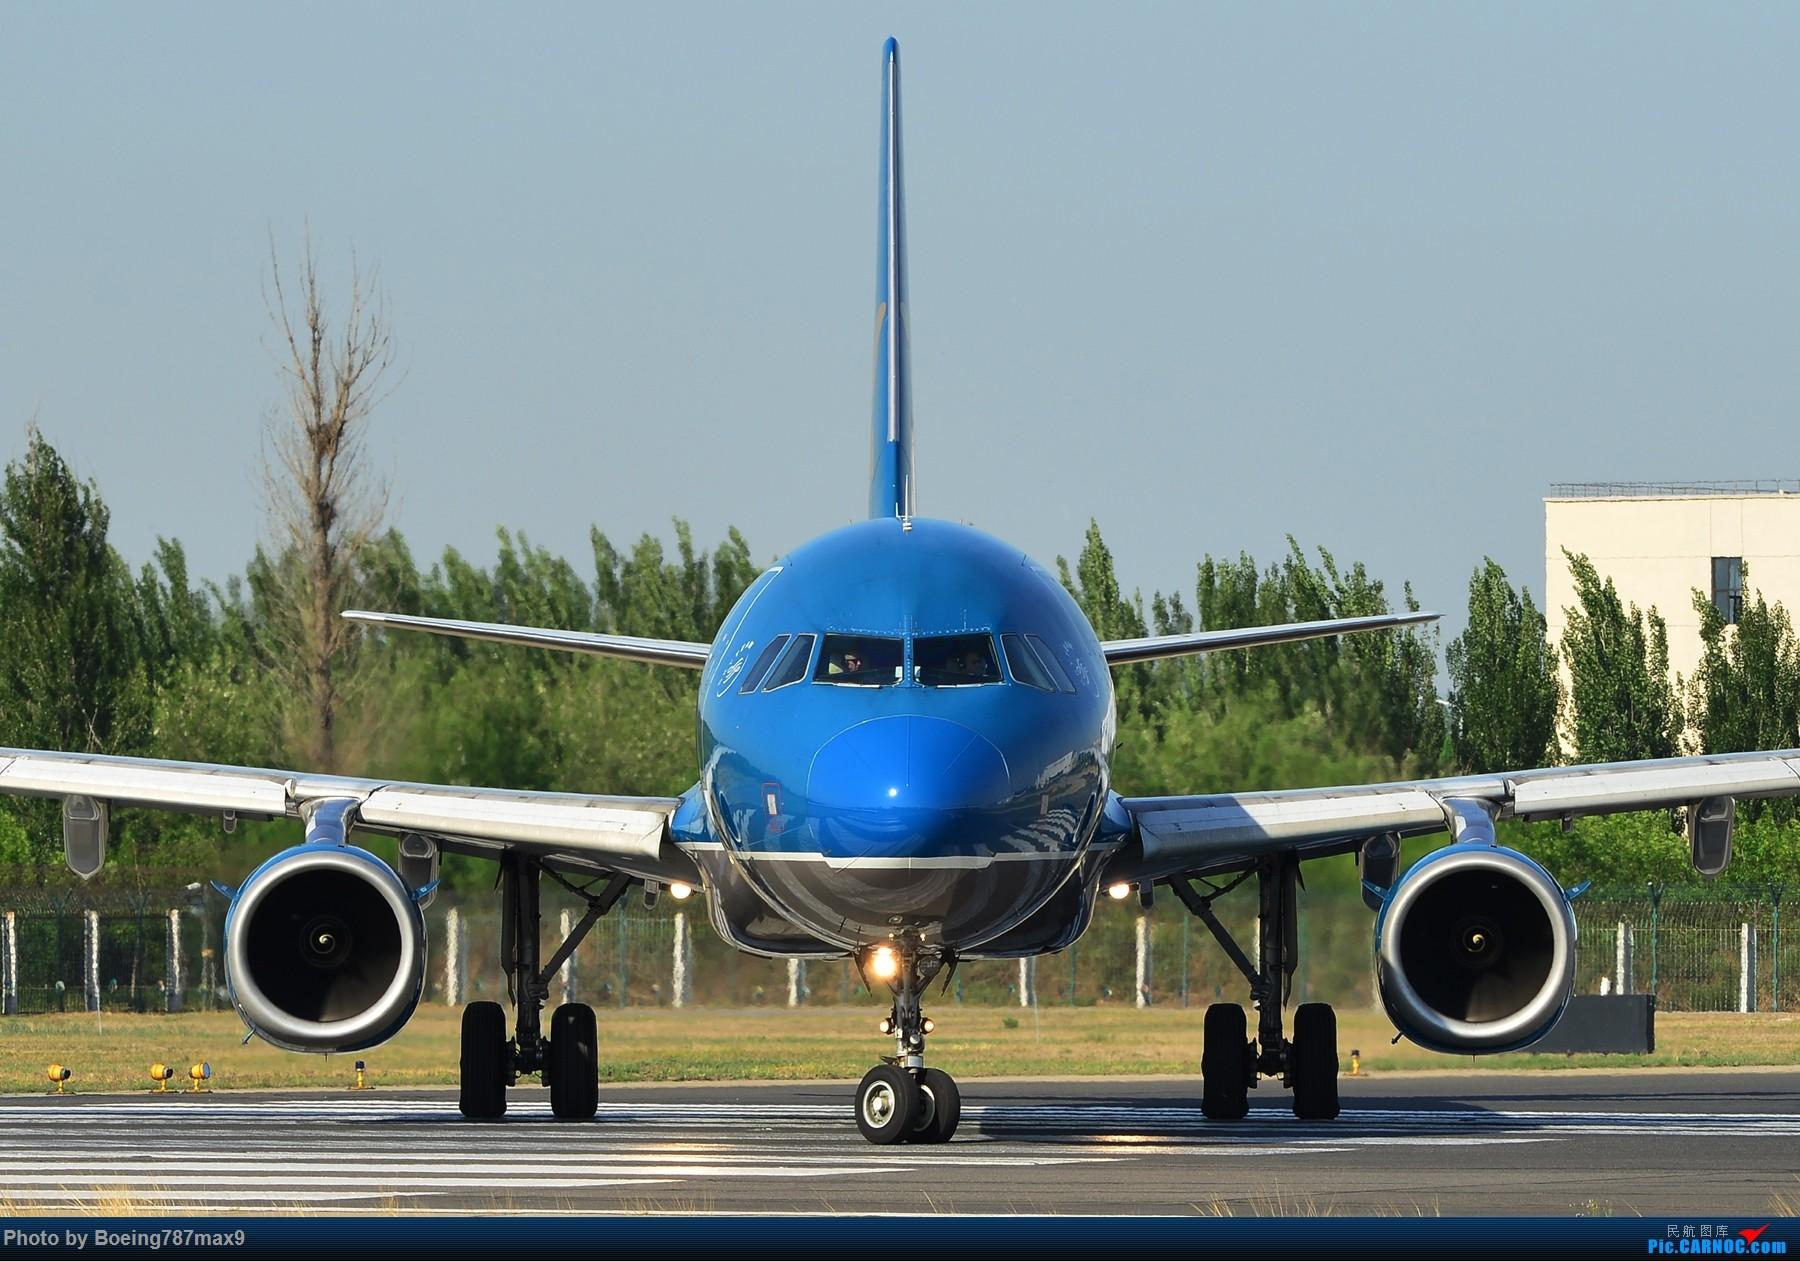 [原创]【PEK】越南航空-超有震慑力机头[1800*高清大图] AIRBUS A321-231 VN-A329 中国北京首都国际机场